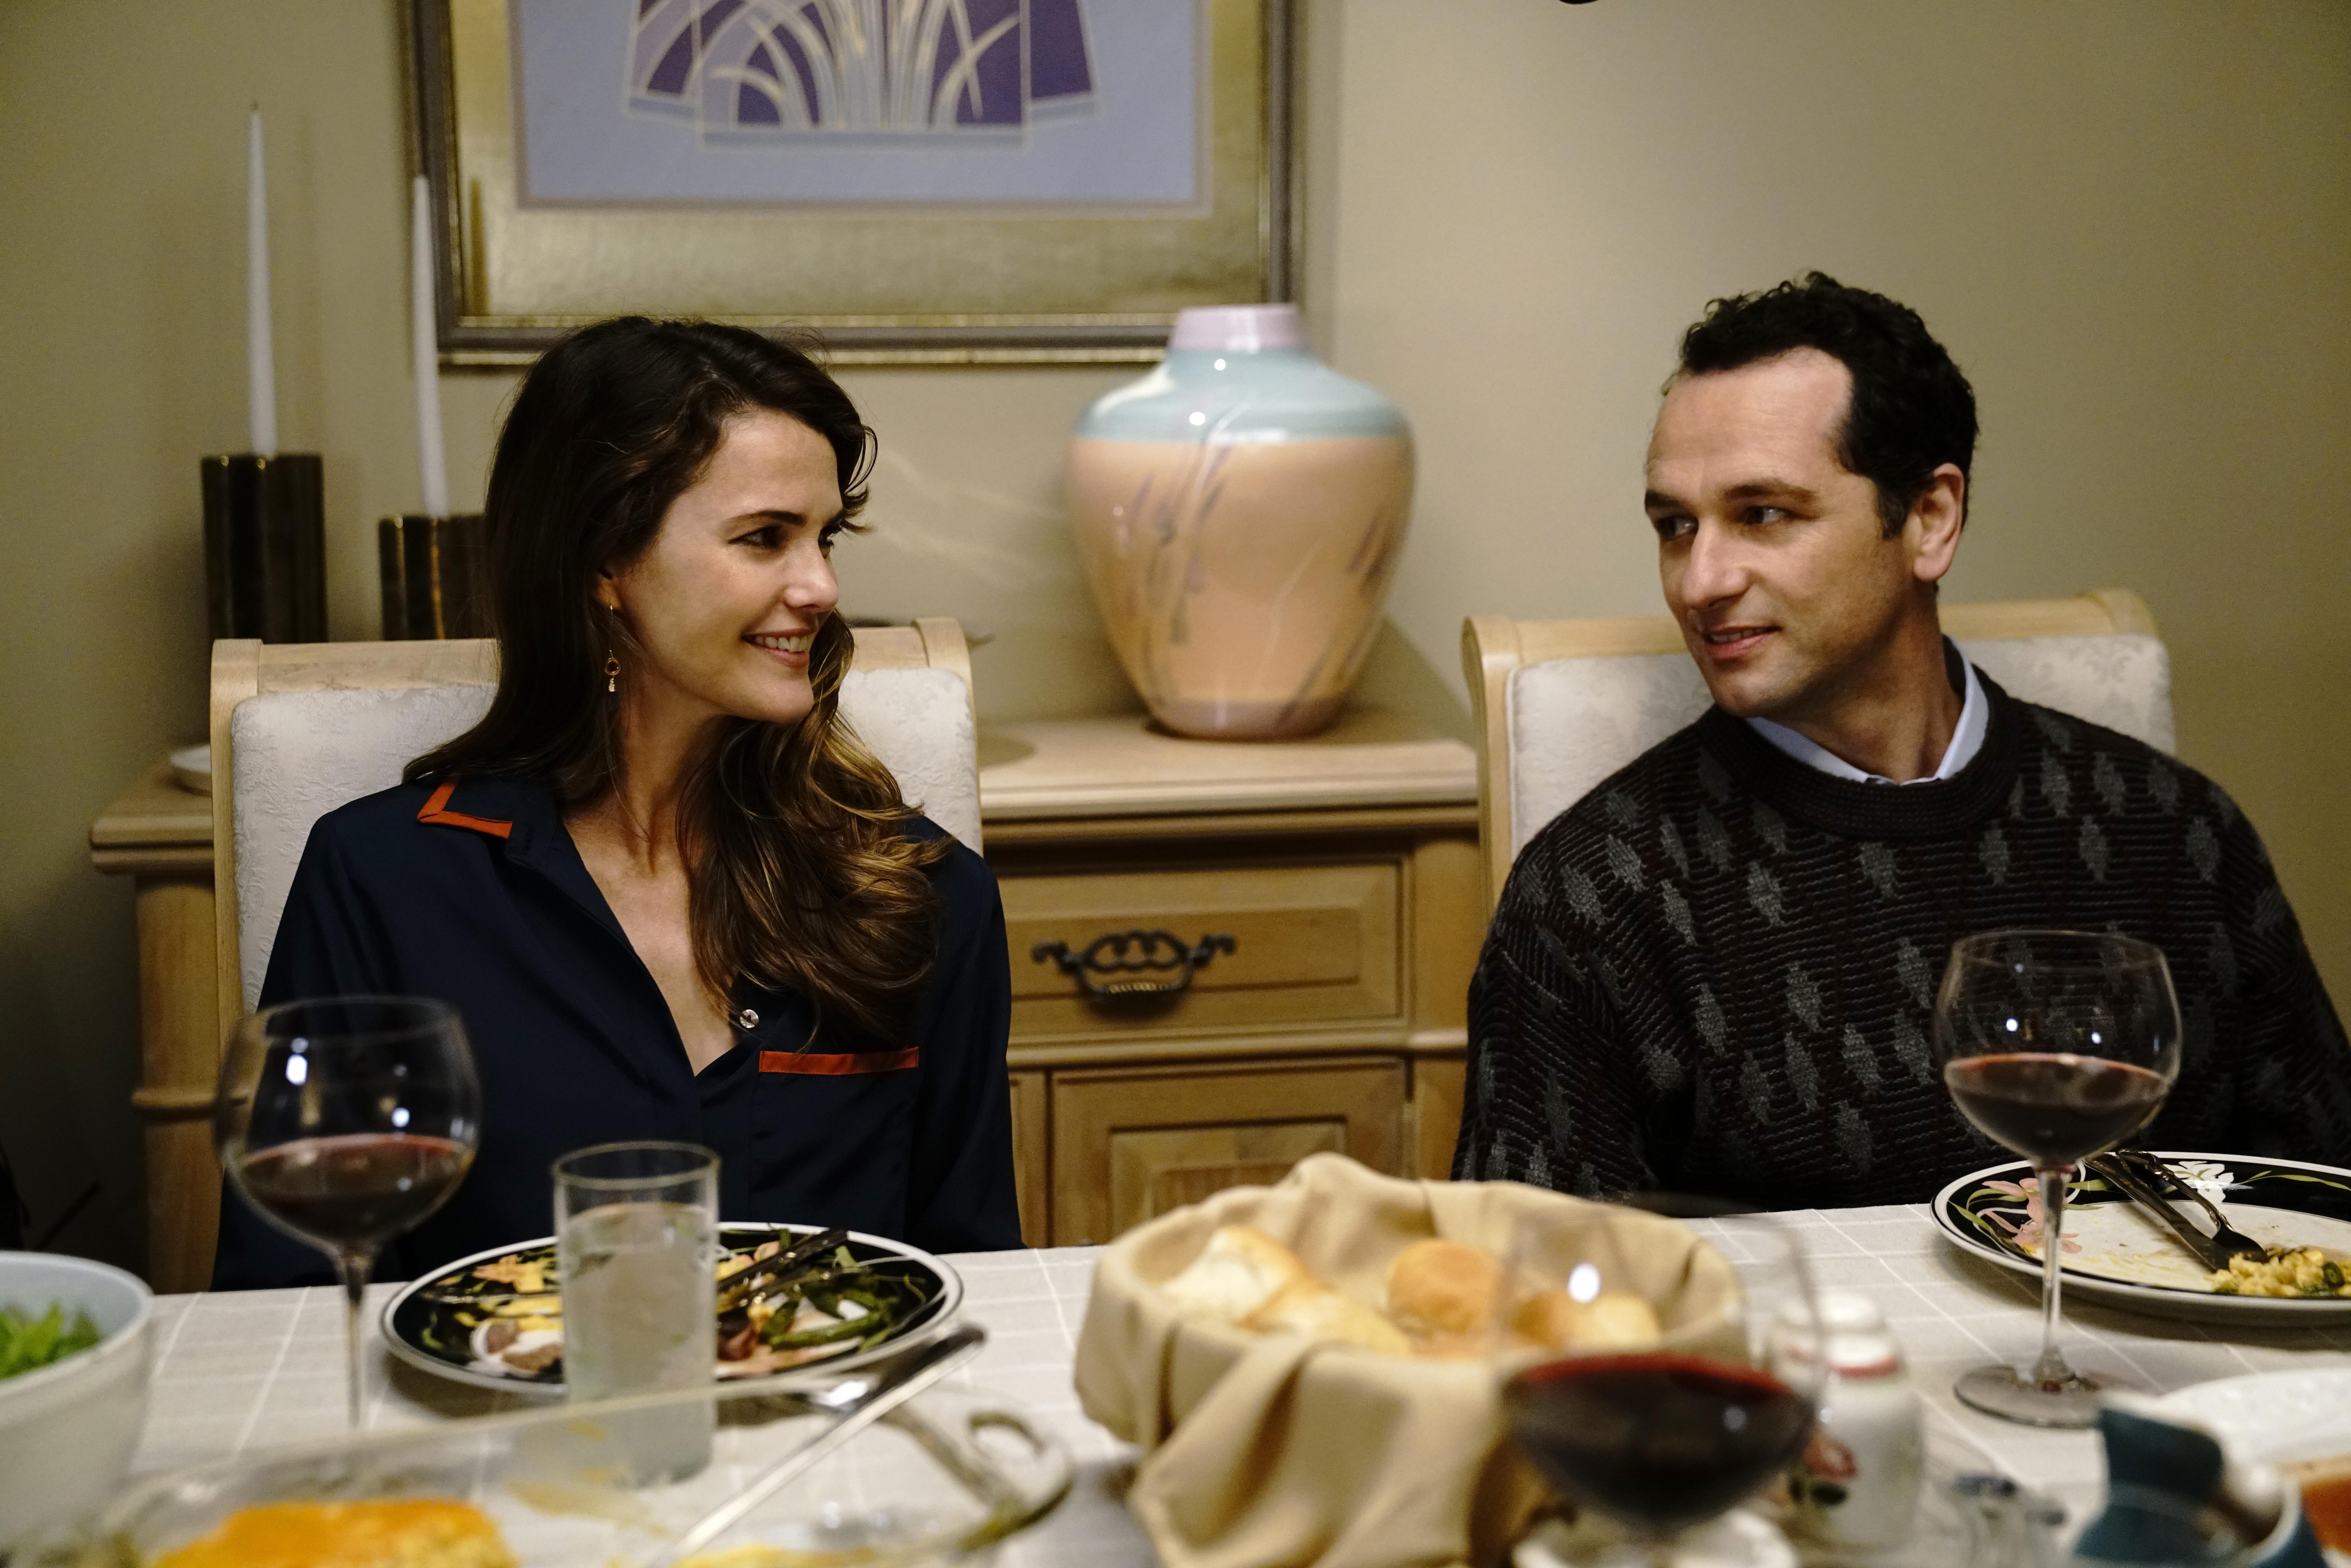 Keri Russell as Elizabeth Jennings, Matthew Rhys as Philip Jennings in the Americans, Season 6